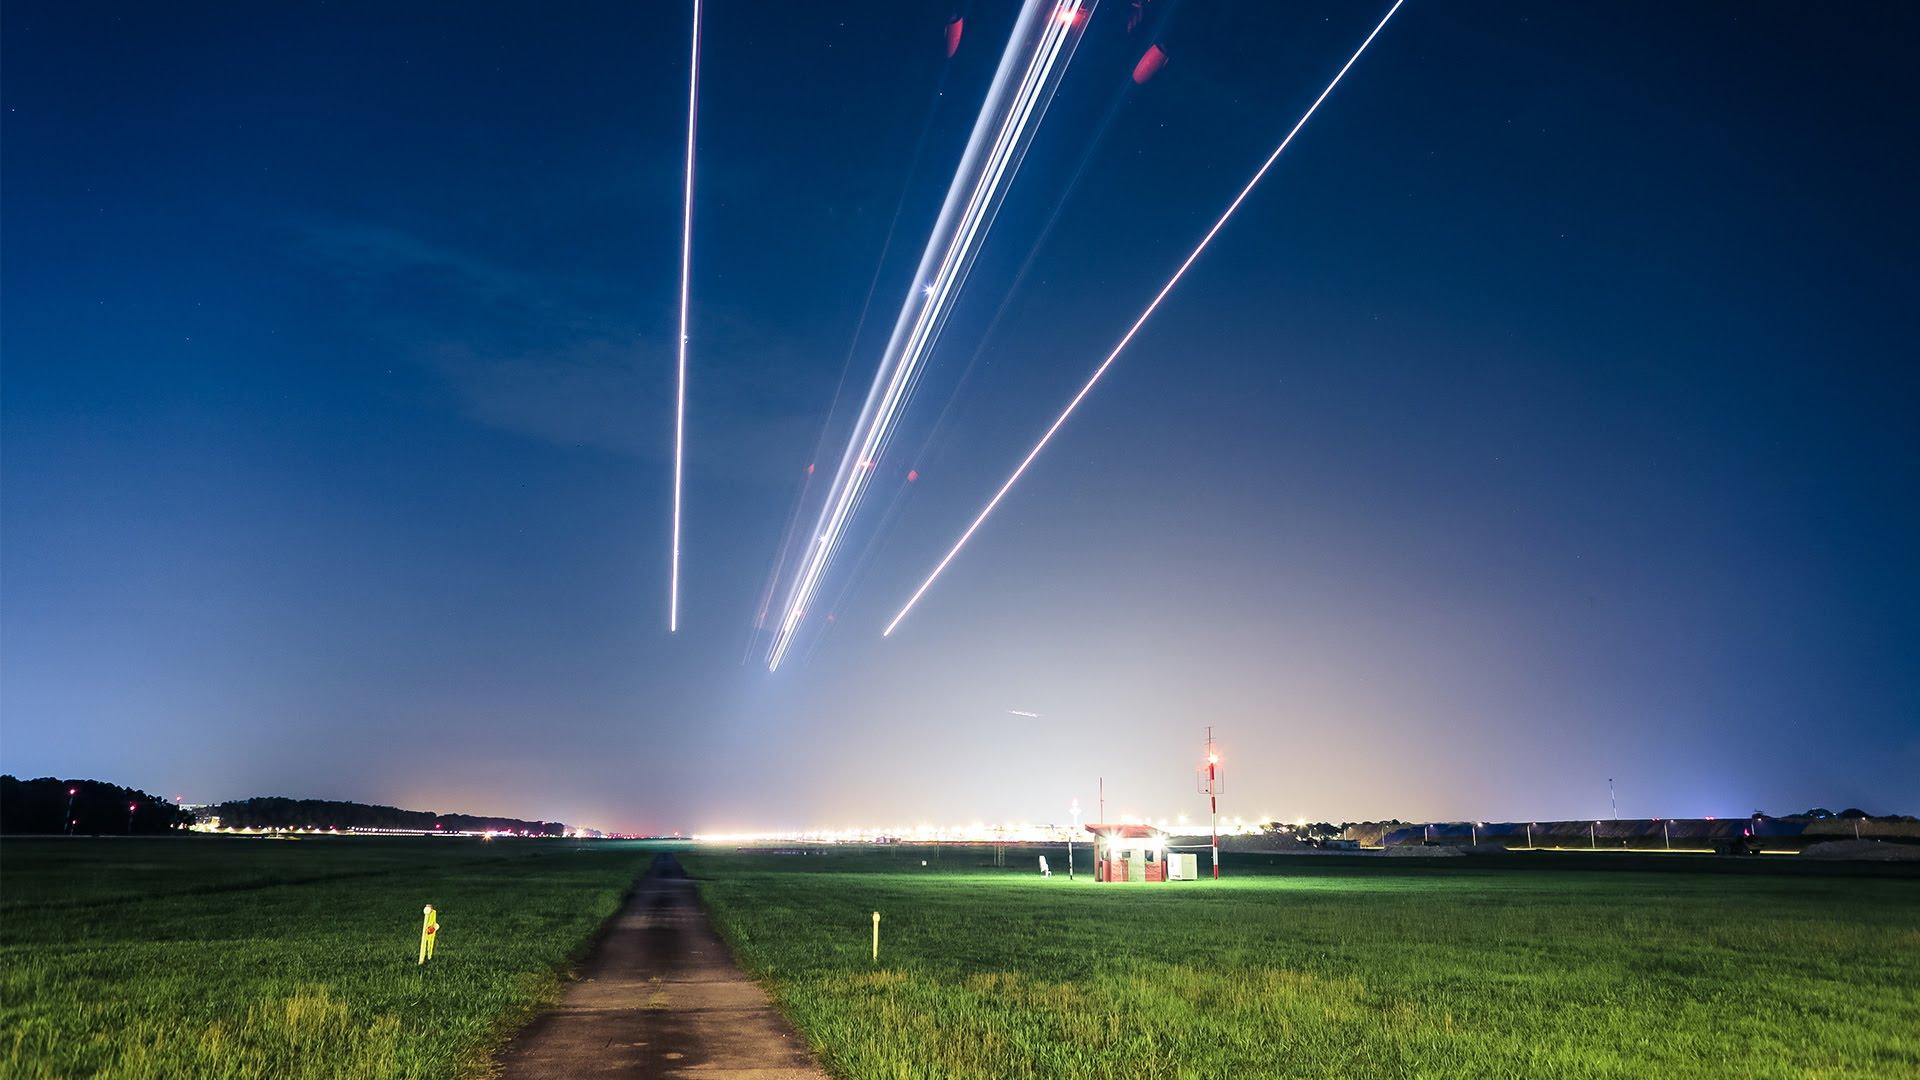 Un aéroport avec des avions super rapides